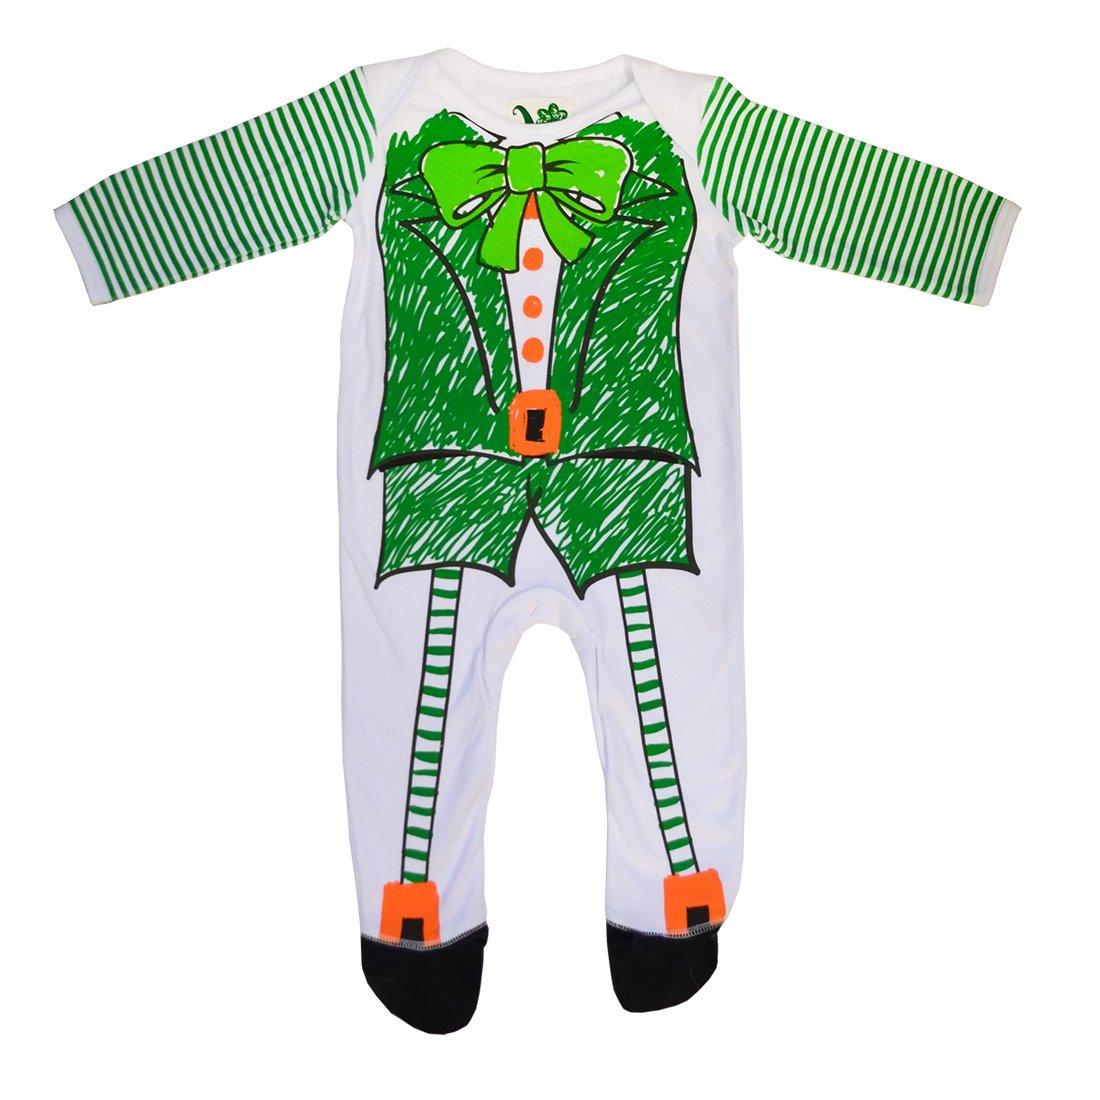 Traditional Craft White and Green Ireland Leprechaun Sketch Baby Romper Onesie